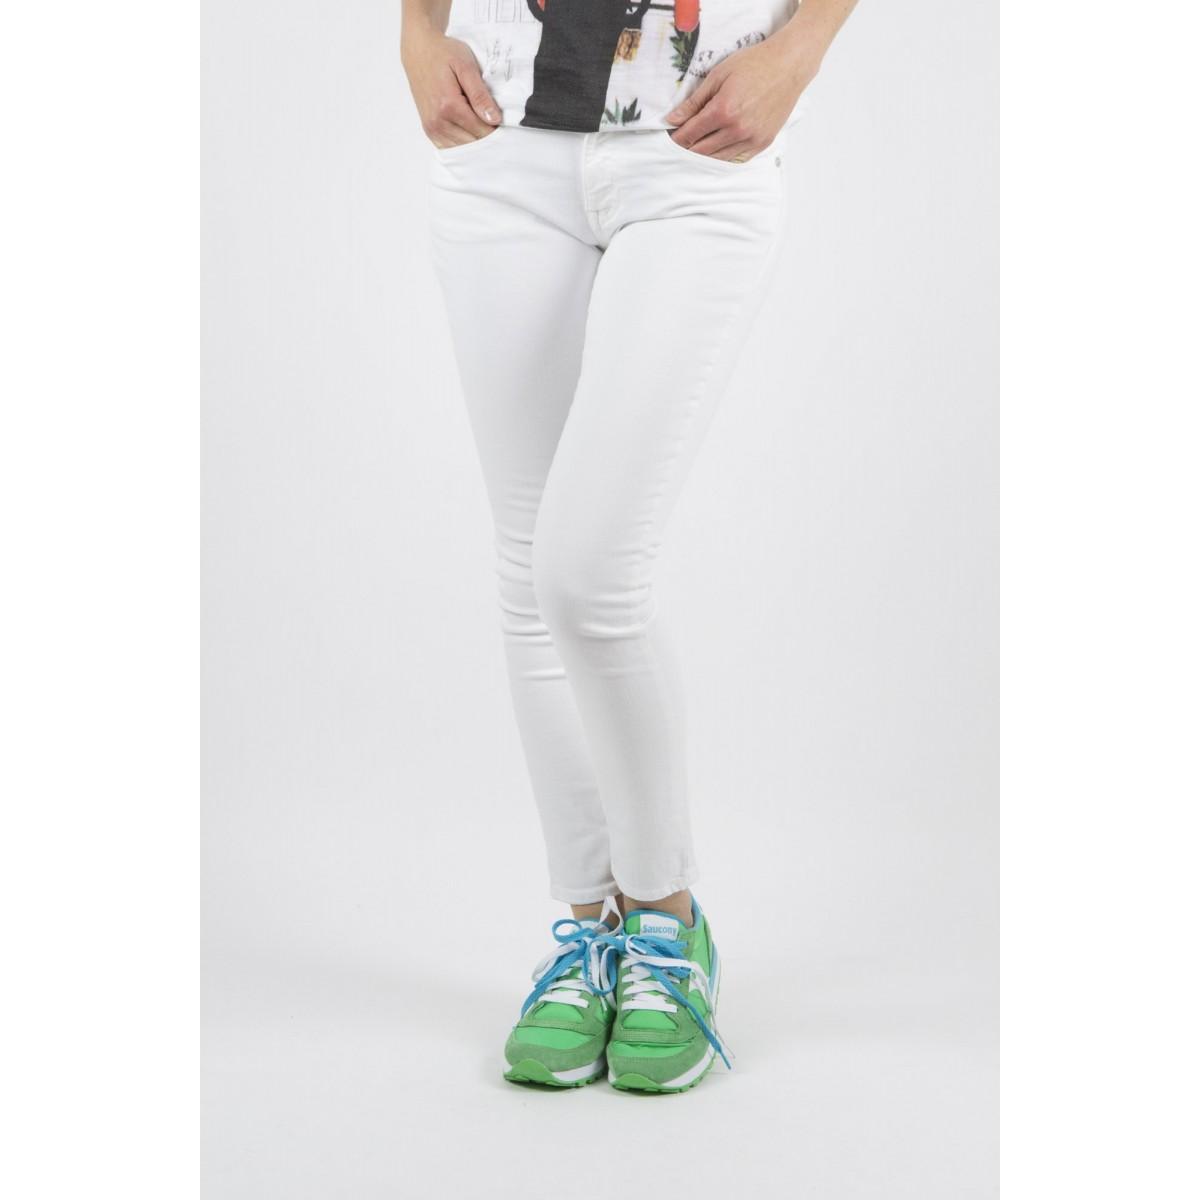 Jeans Ralph Lauren Woman - V60Ig388Bg014